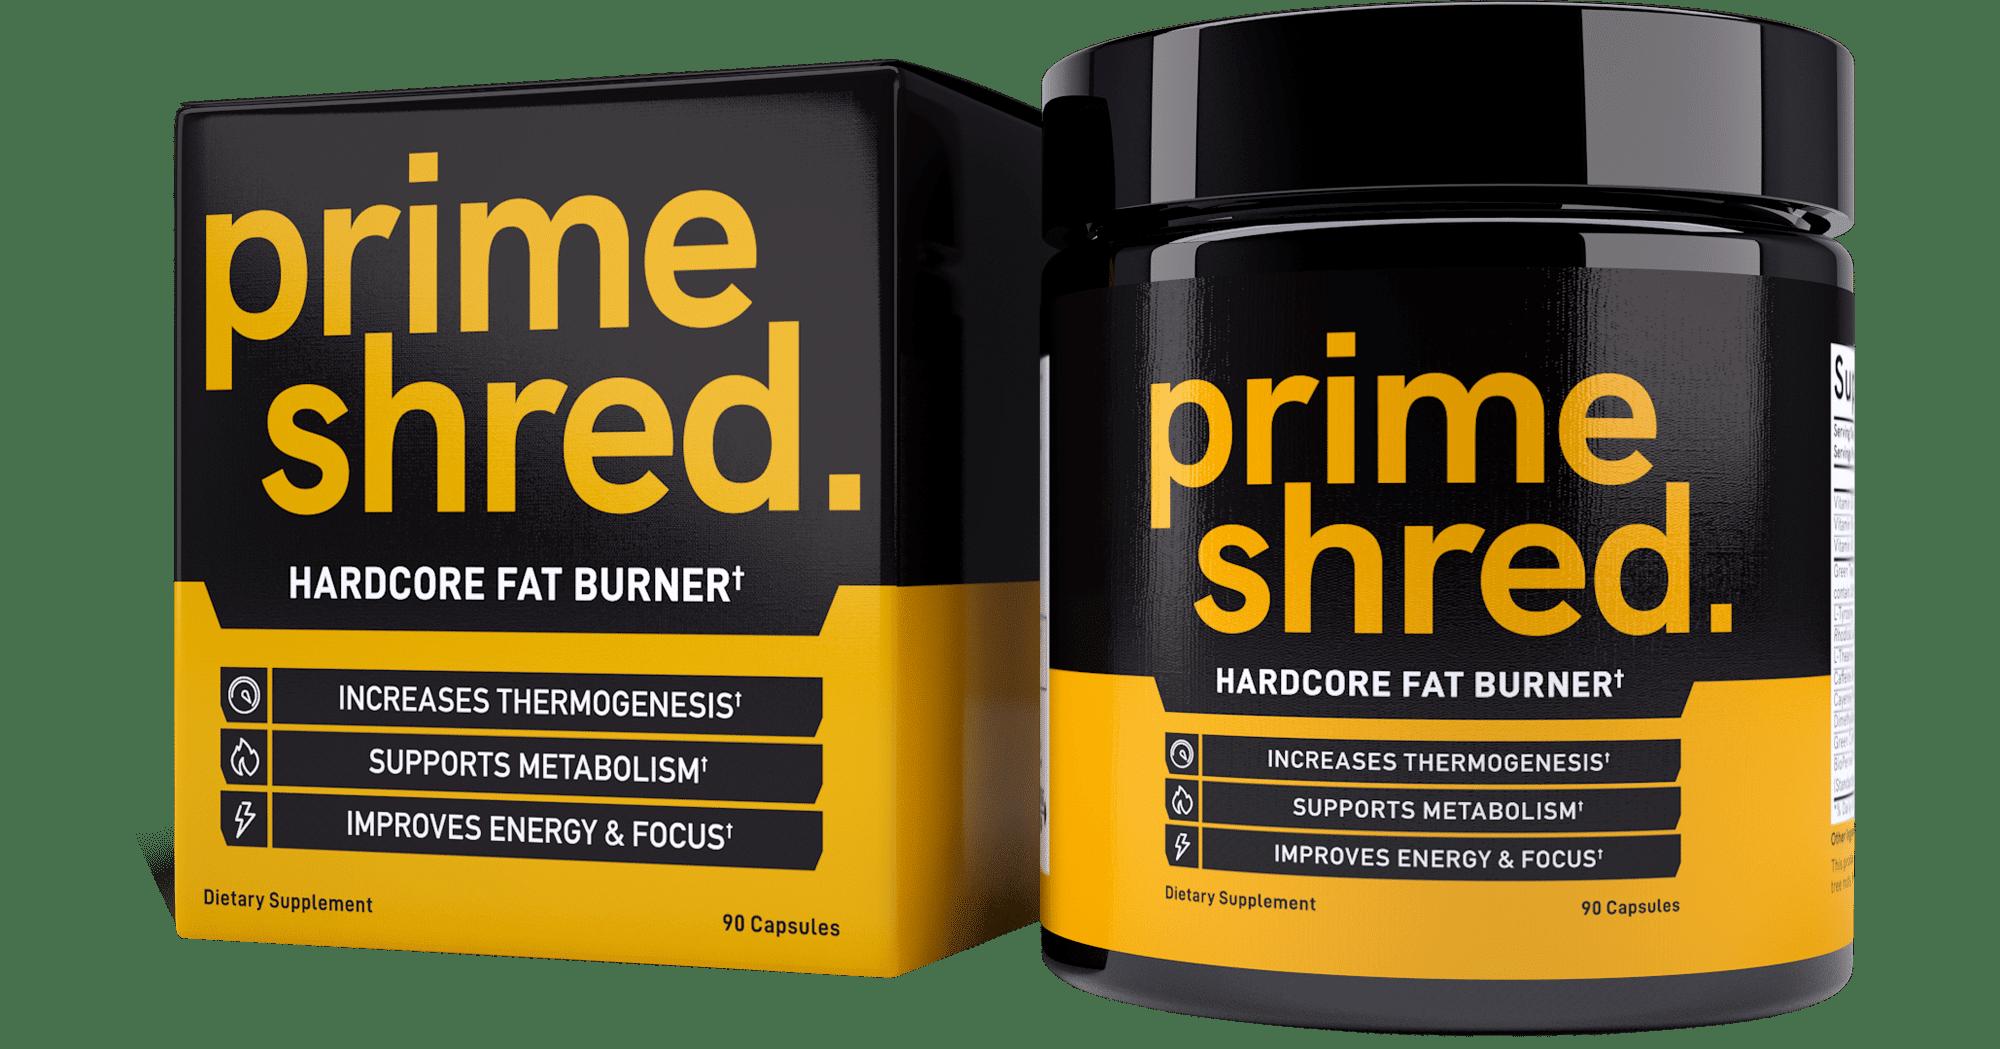 y a-t-il de vrais suppléments pour brûler les graisses jeera pour perdre du poids